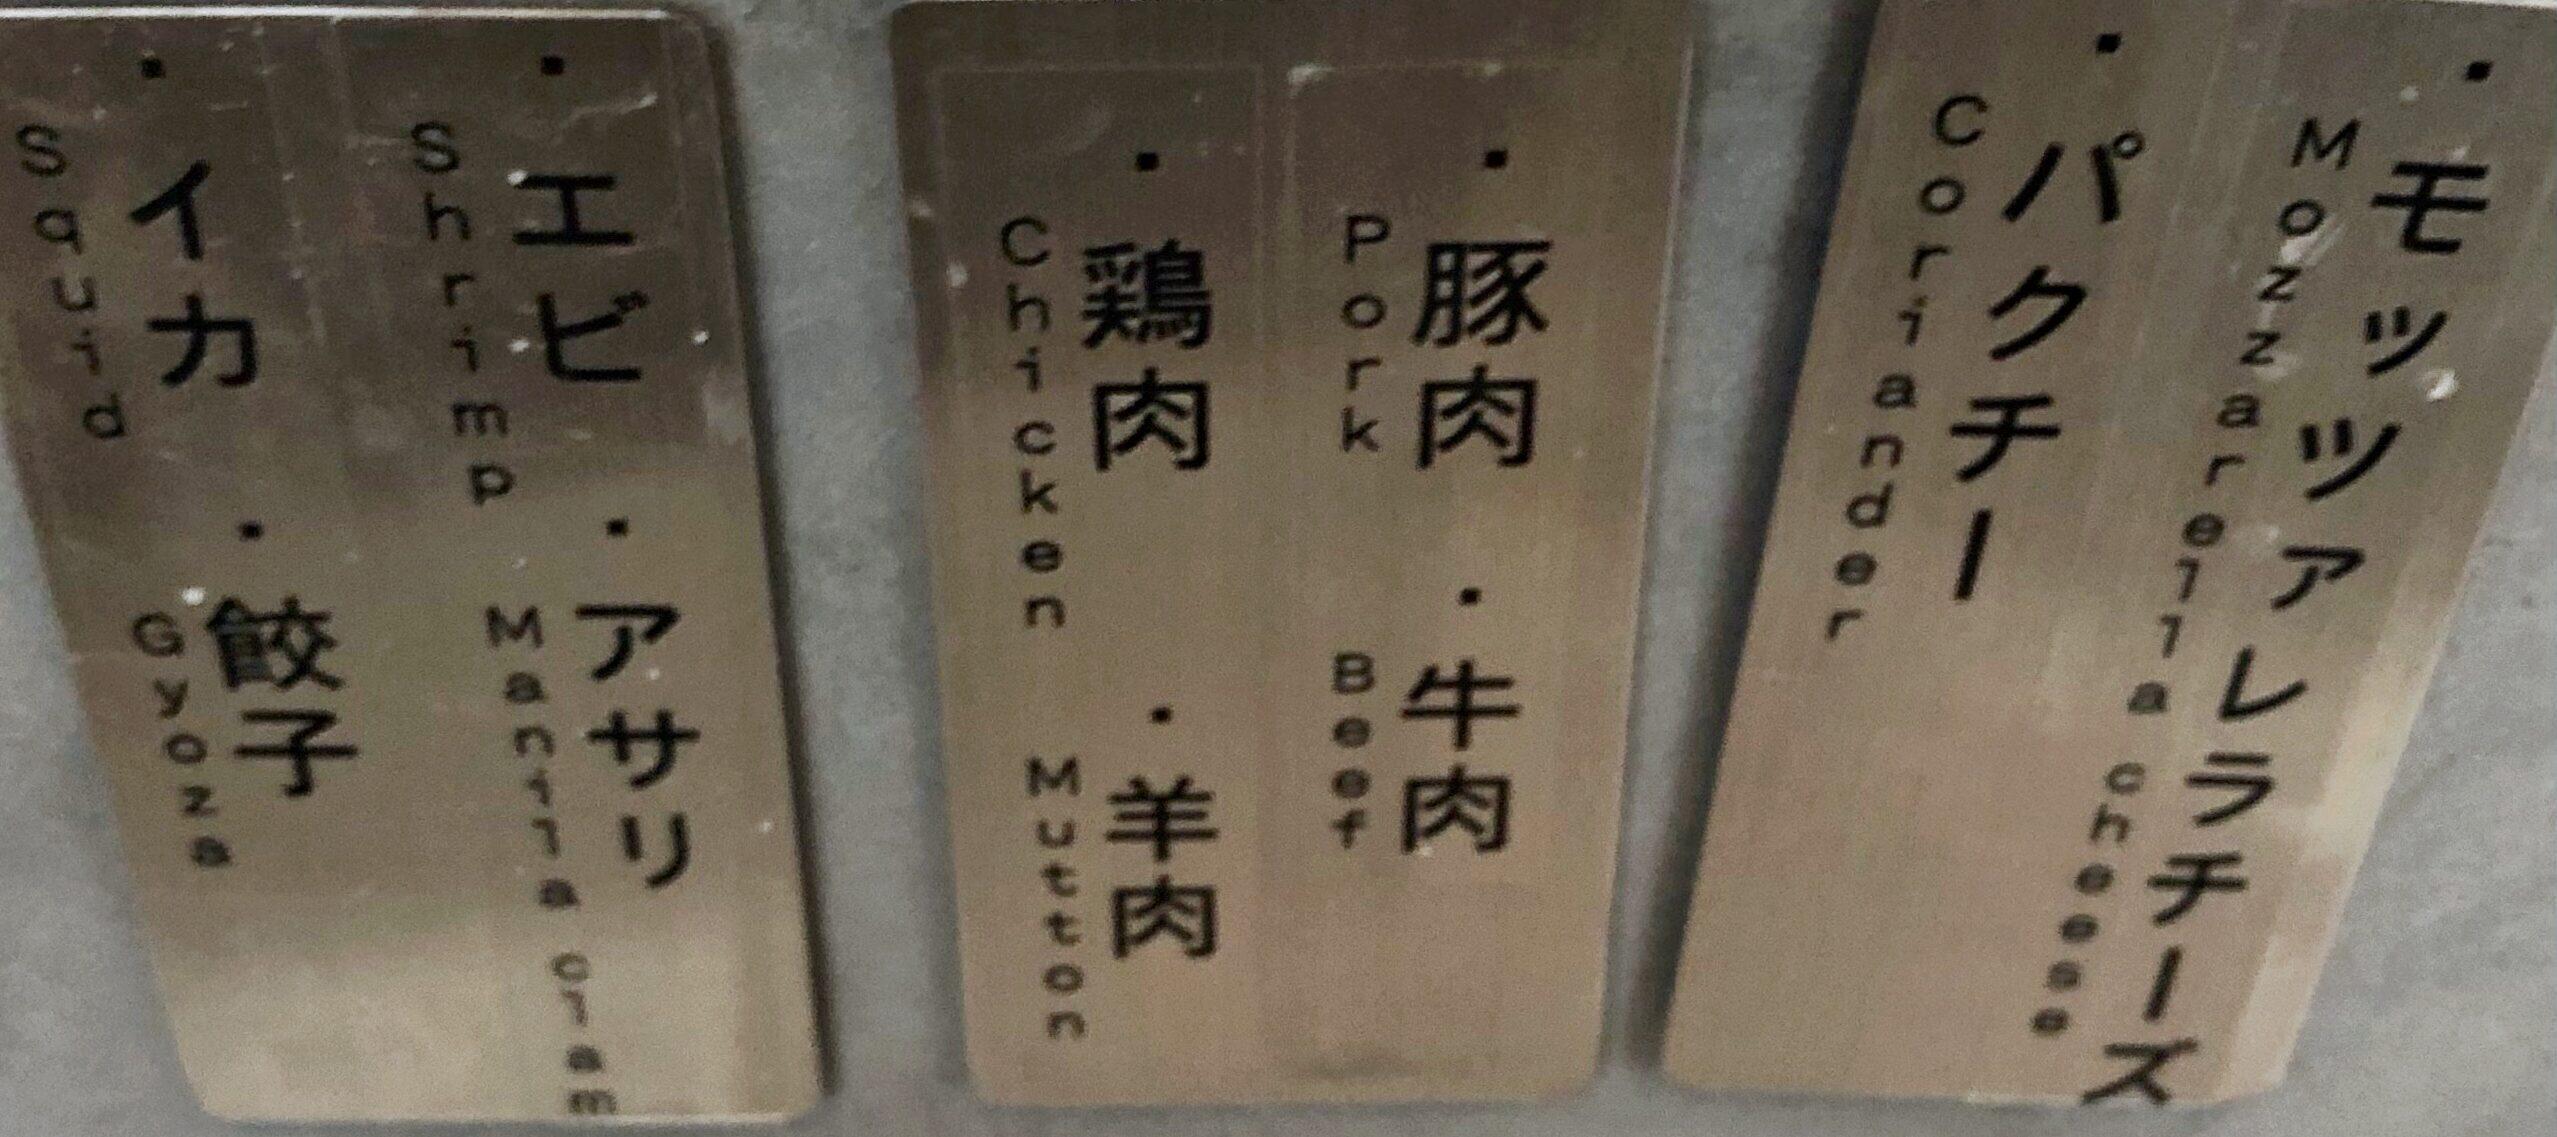 五反田の薬膳春雨スープ・七宝麻辣湯(マーラータン)の追加トッピング